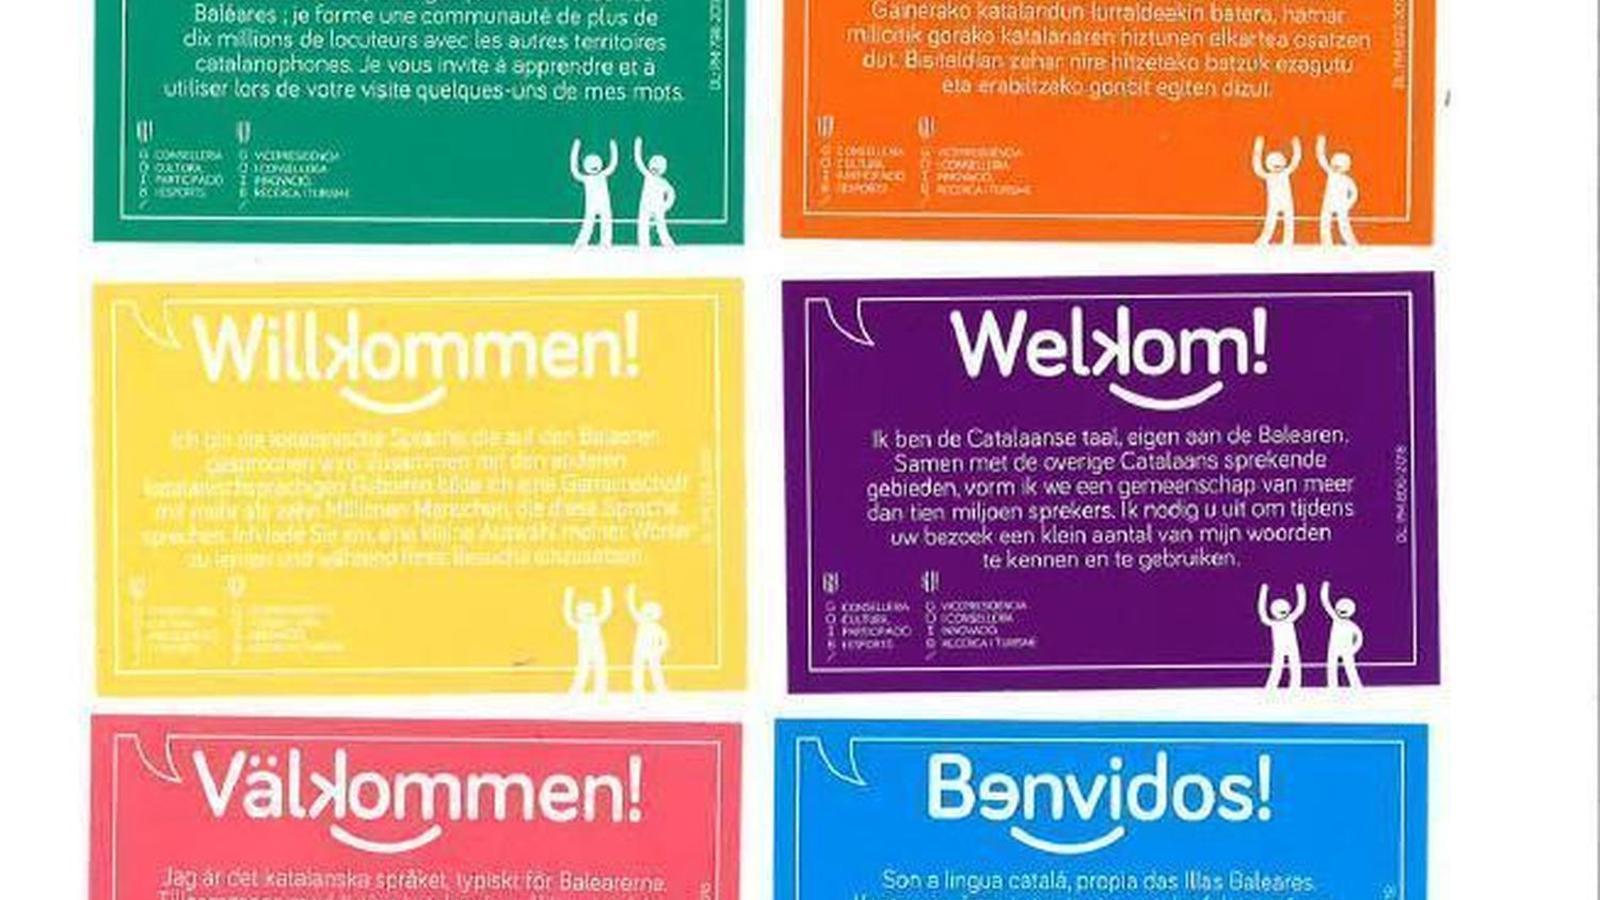 Sociedad Civil Balear anima als hotelers a no repartir fulletons sobre català